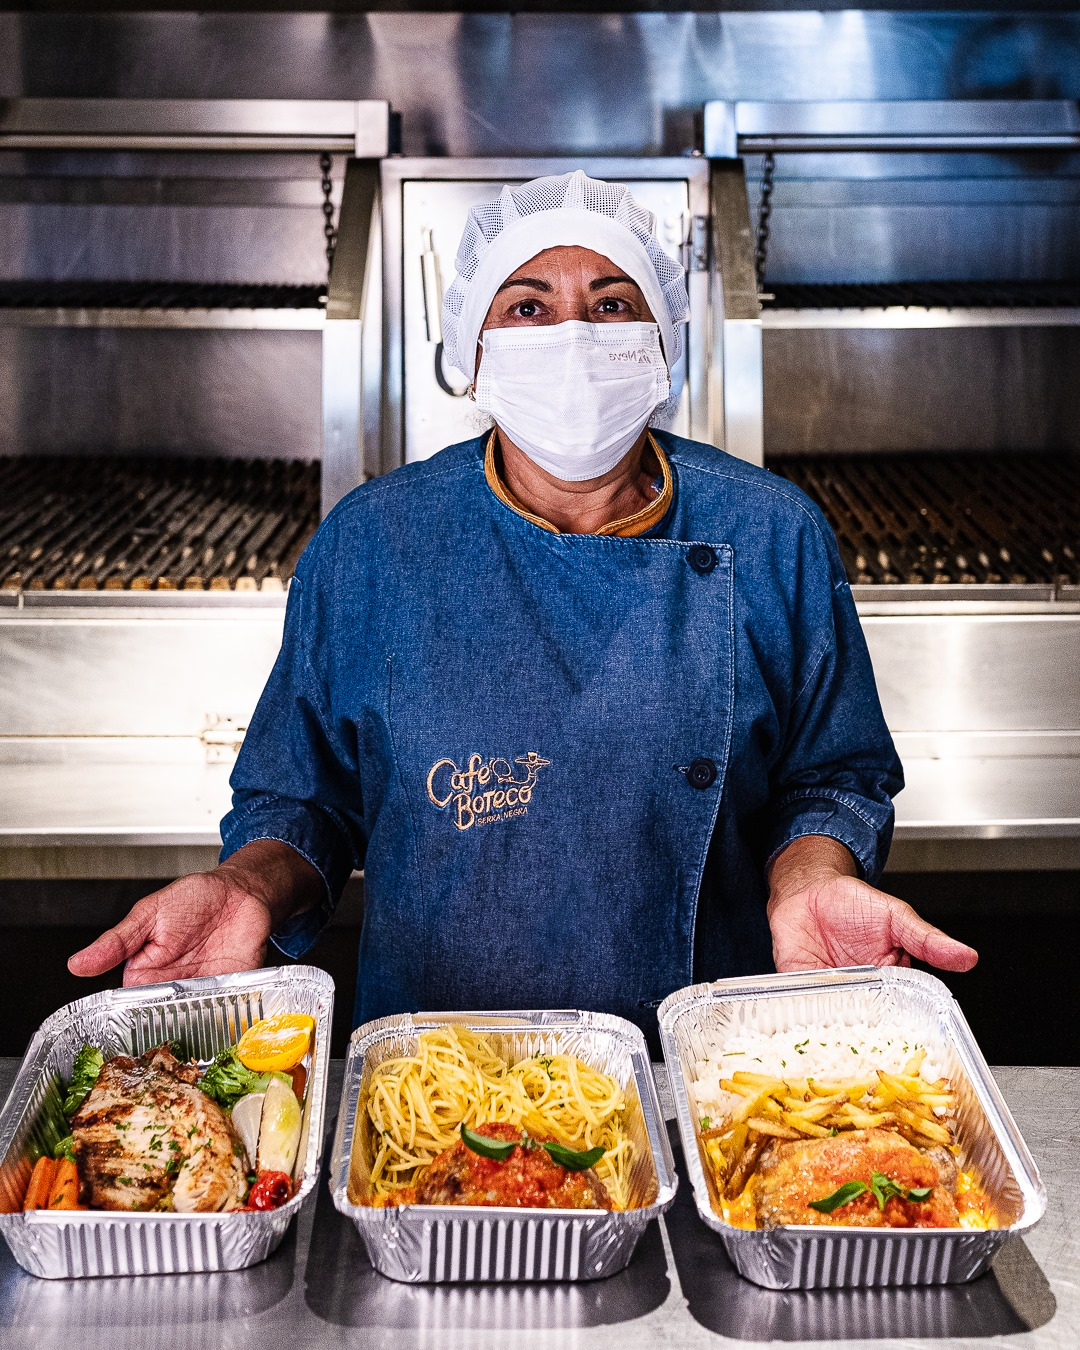 Opções da Cozinha da Dita chegam pelo Café Boteco, em Serra Negra